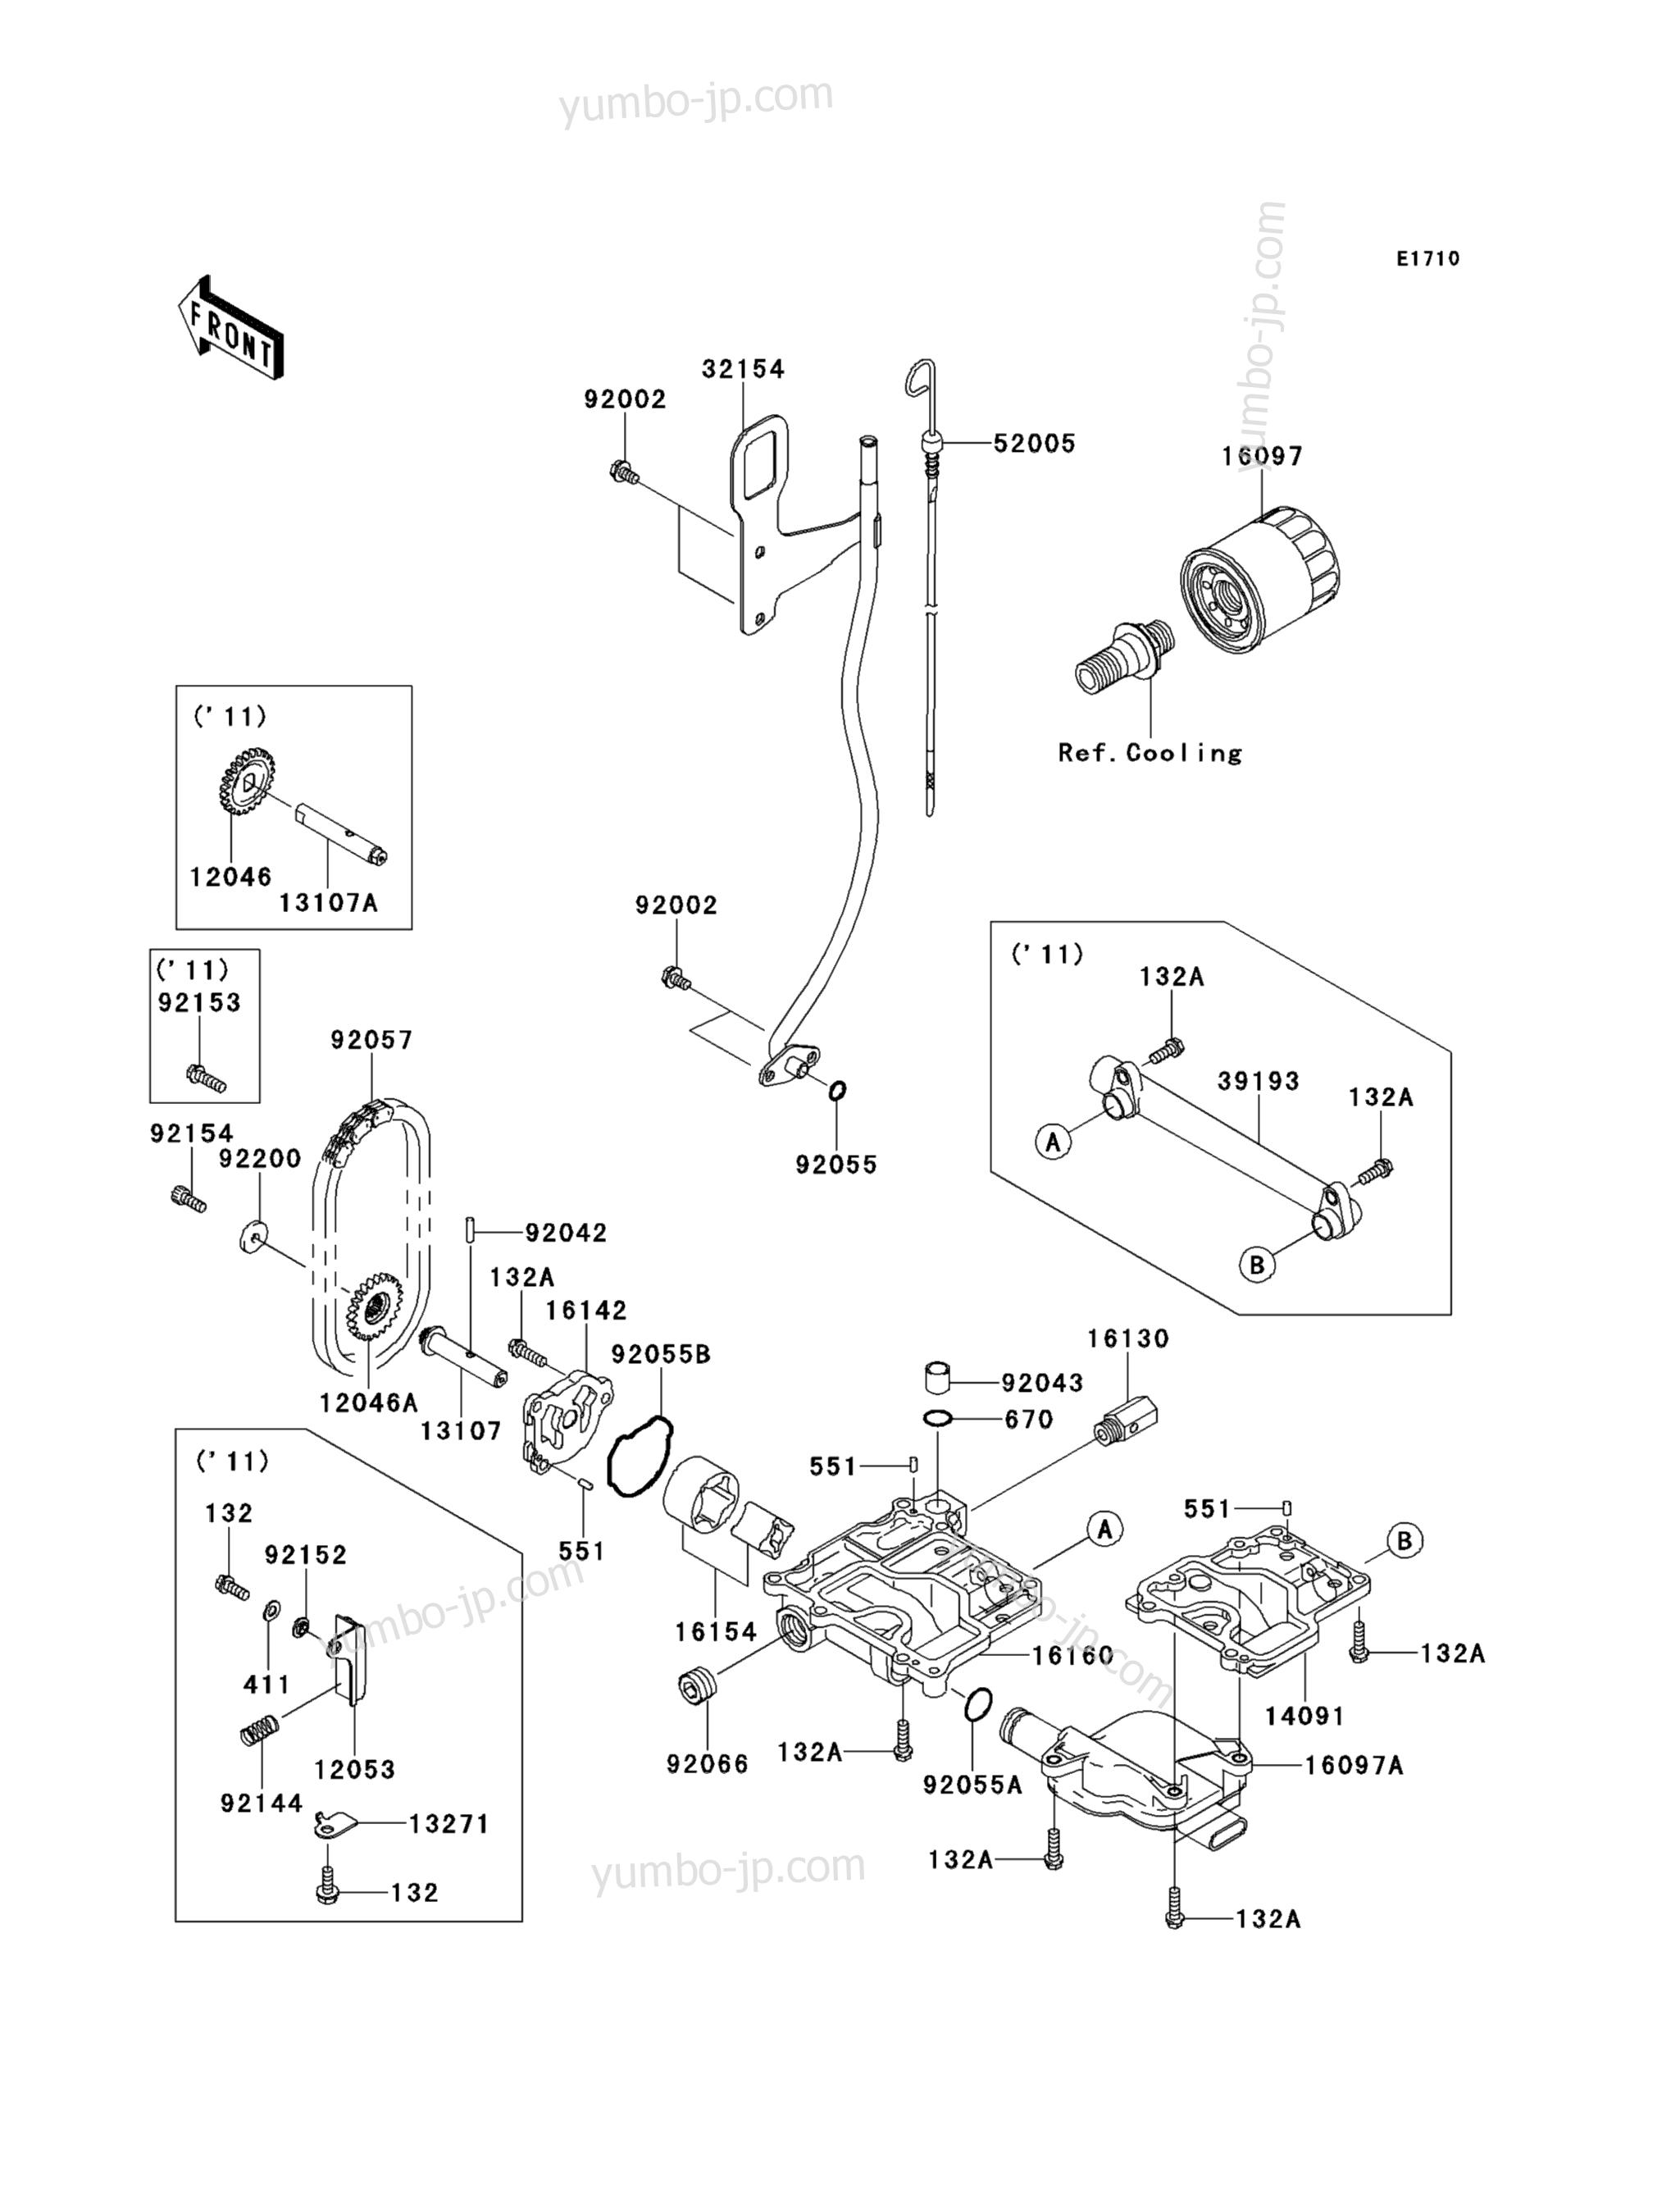 Масляный насос для гидроциклов KAWASAKI JET SKI STX-15F (JT1500ADF) 2013 г.